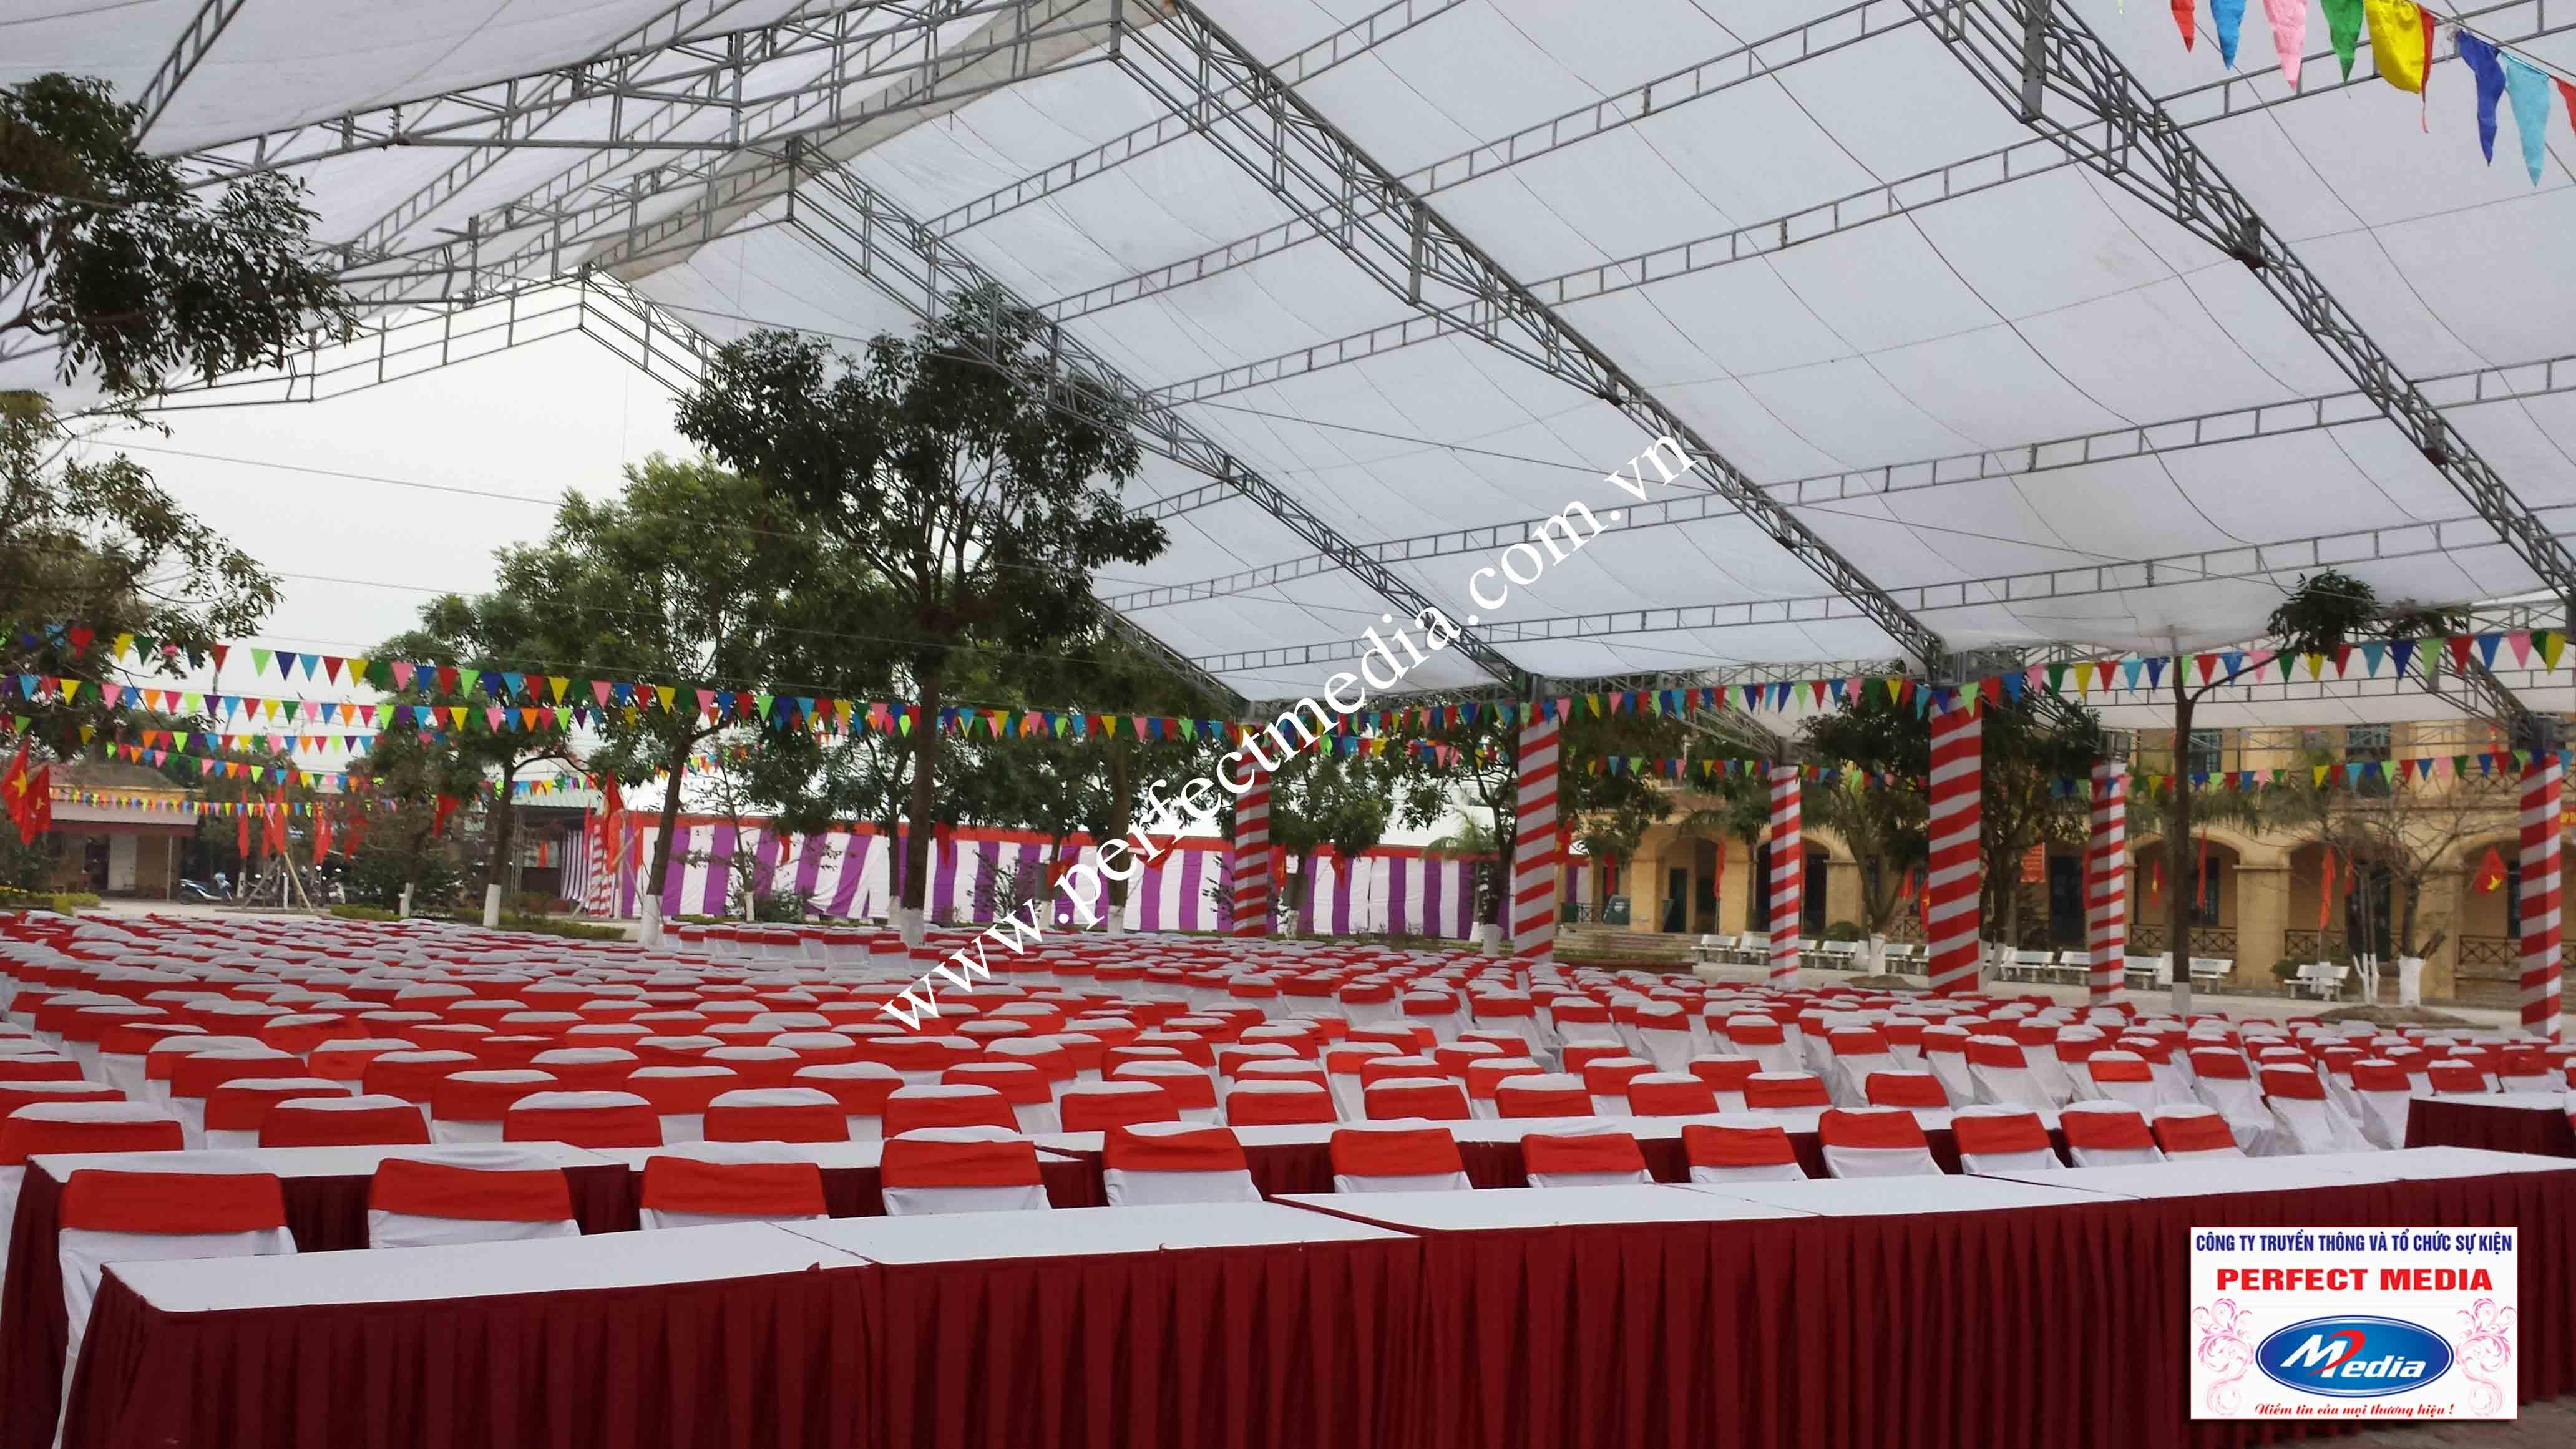 Cả 1 dãy ghế banquet dành cho đại biểu